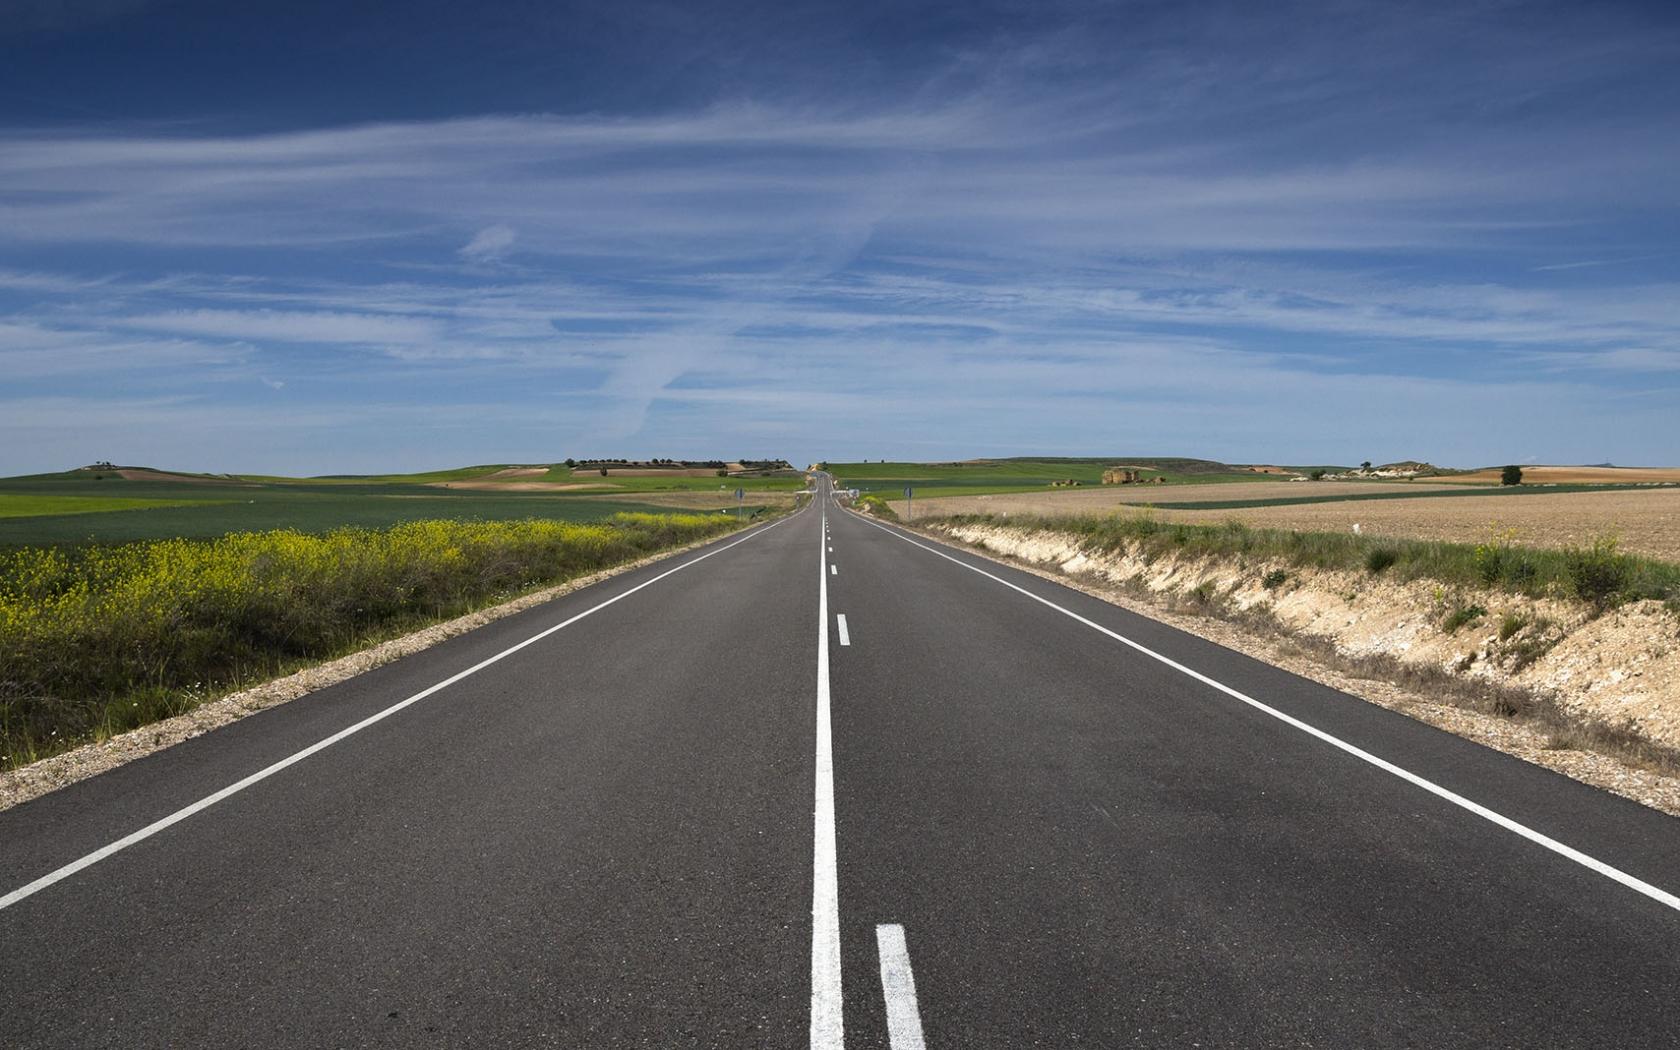 Vista panorámica de una pista - 1680x1050